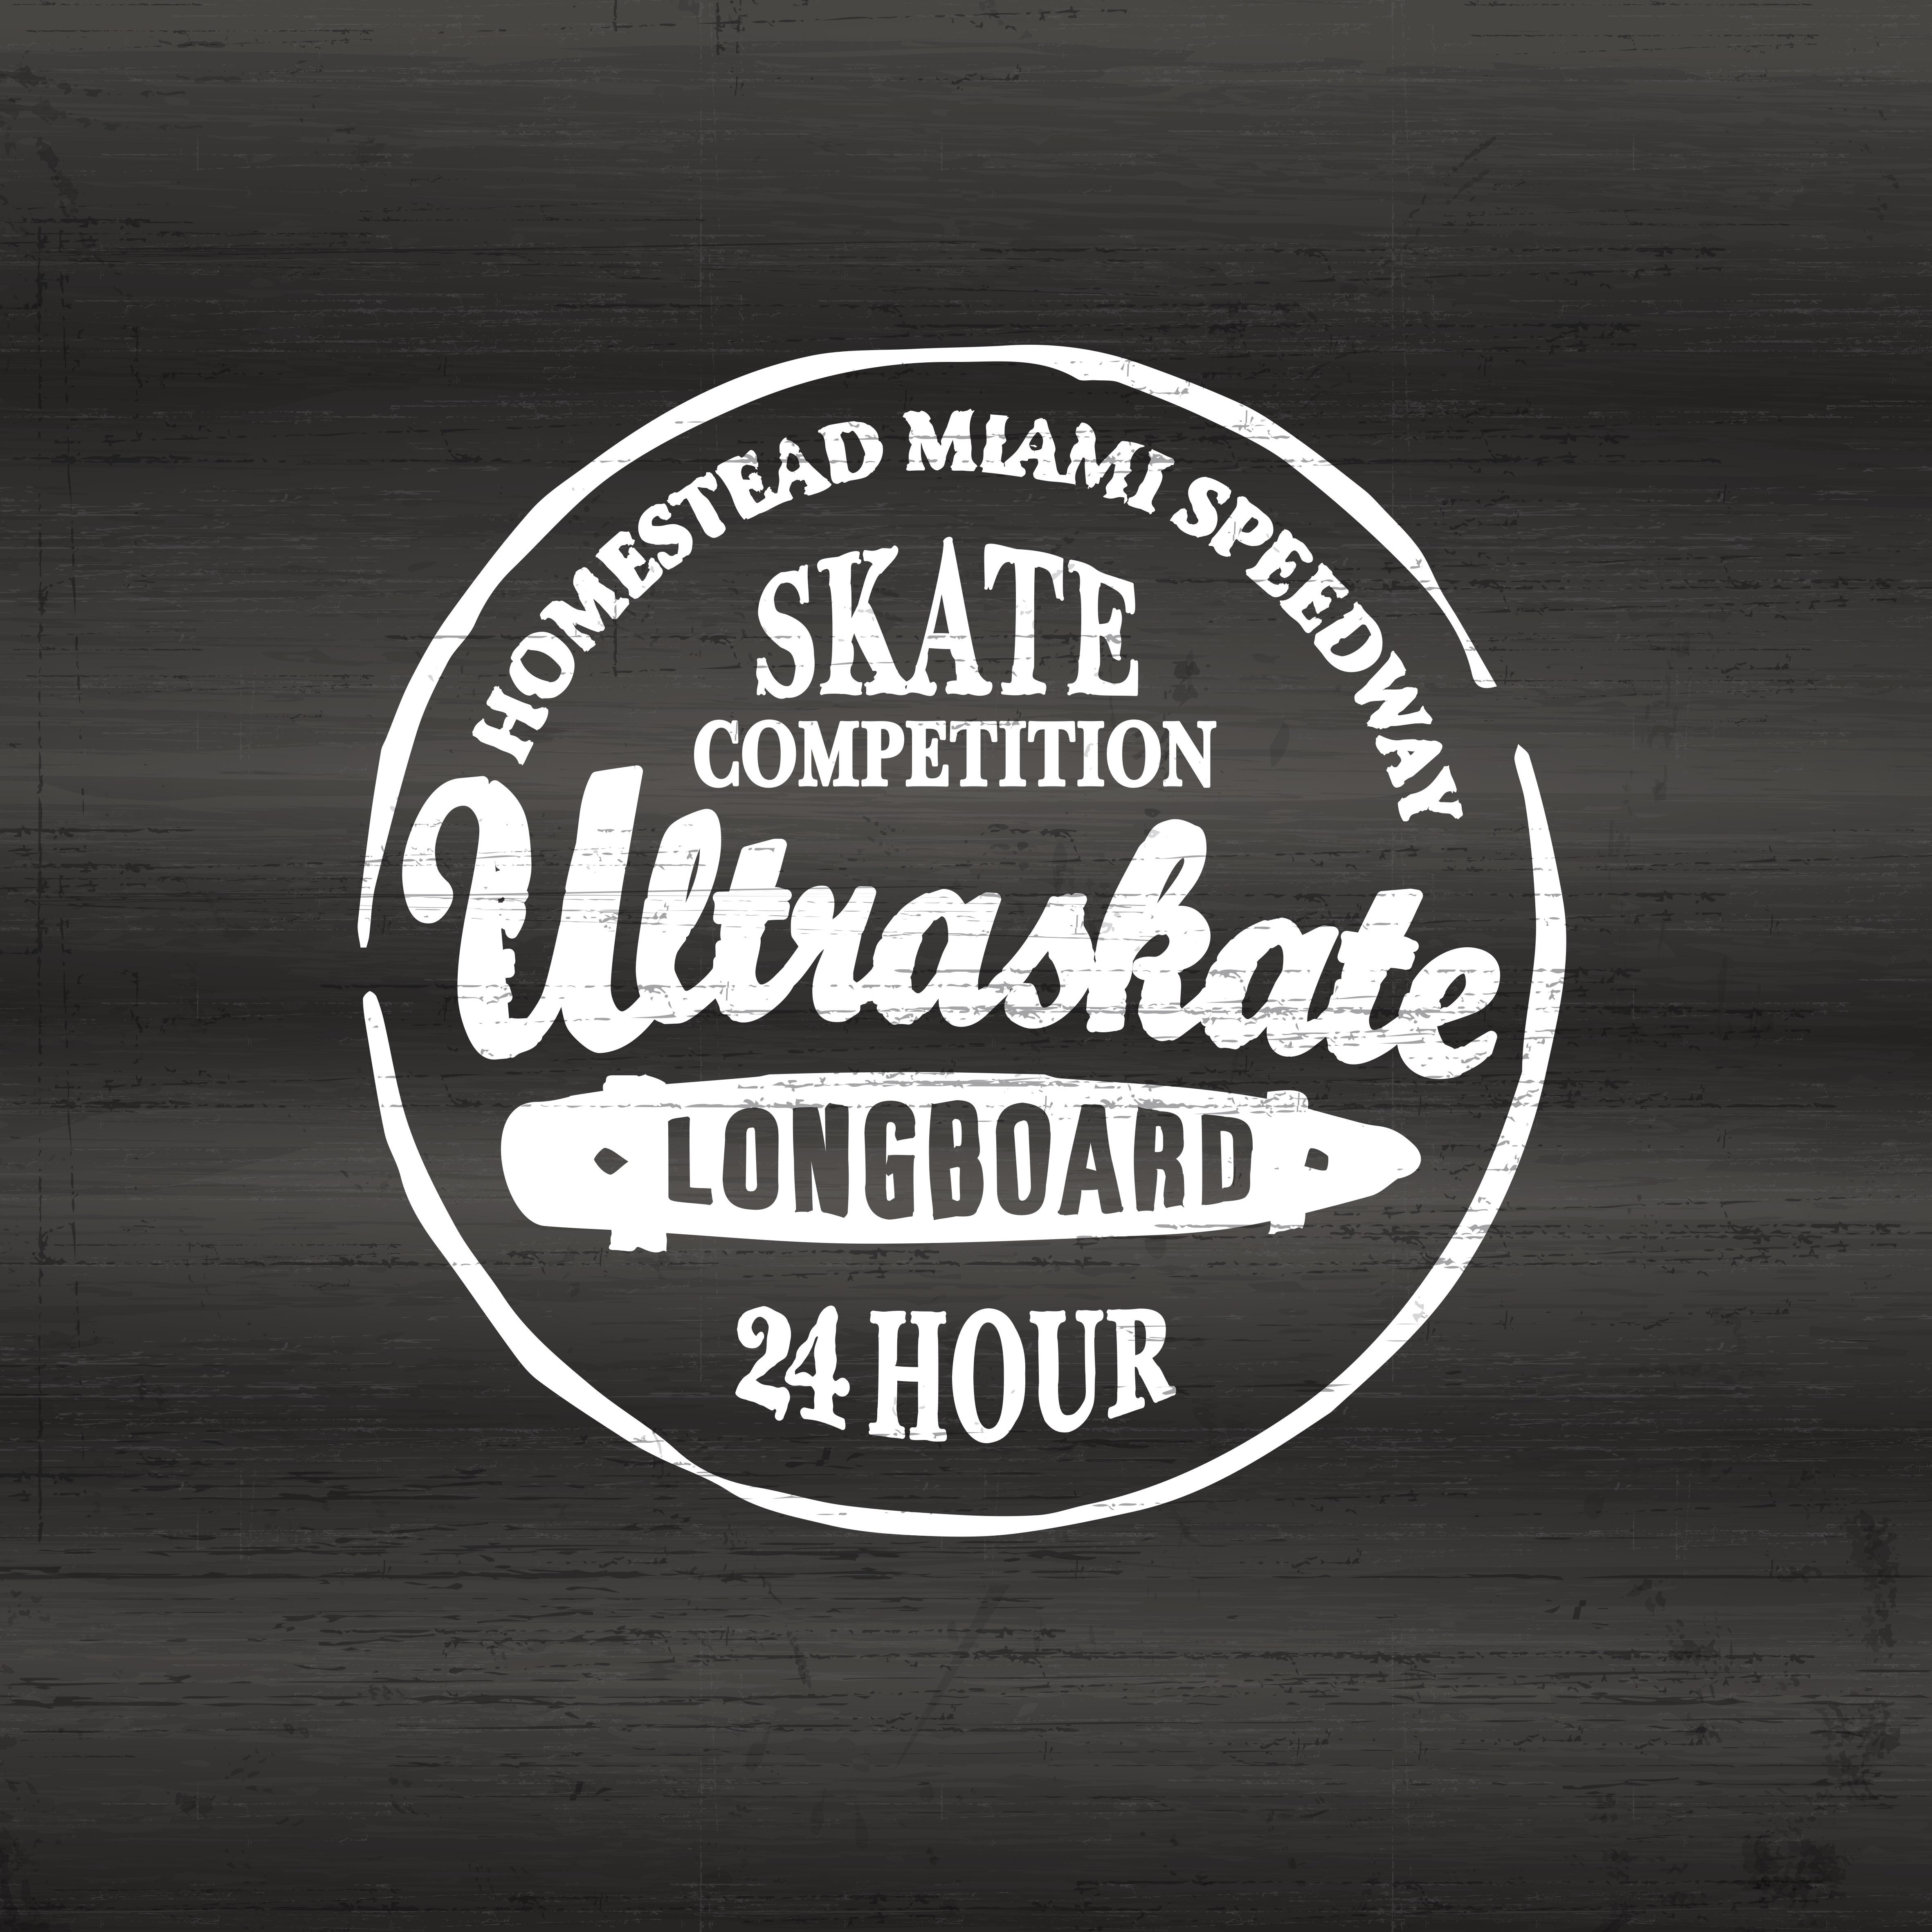 Ultraskate Miami 2017